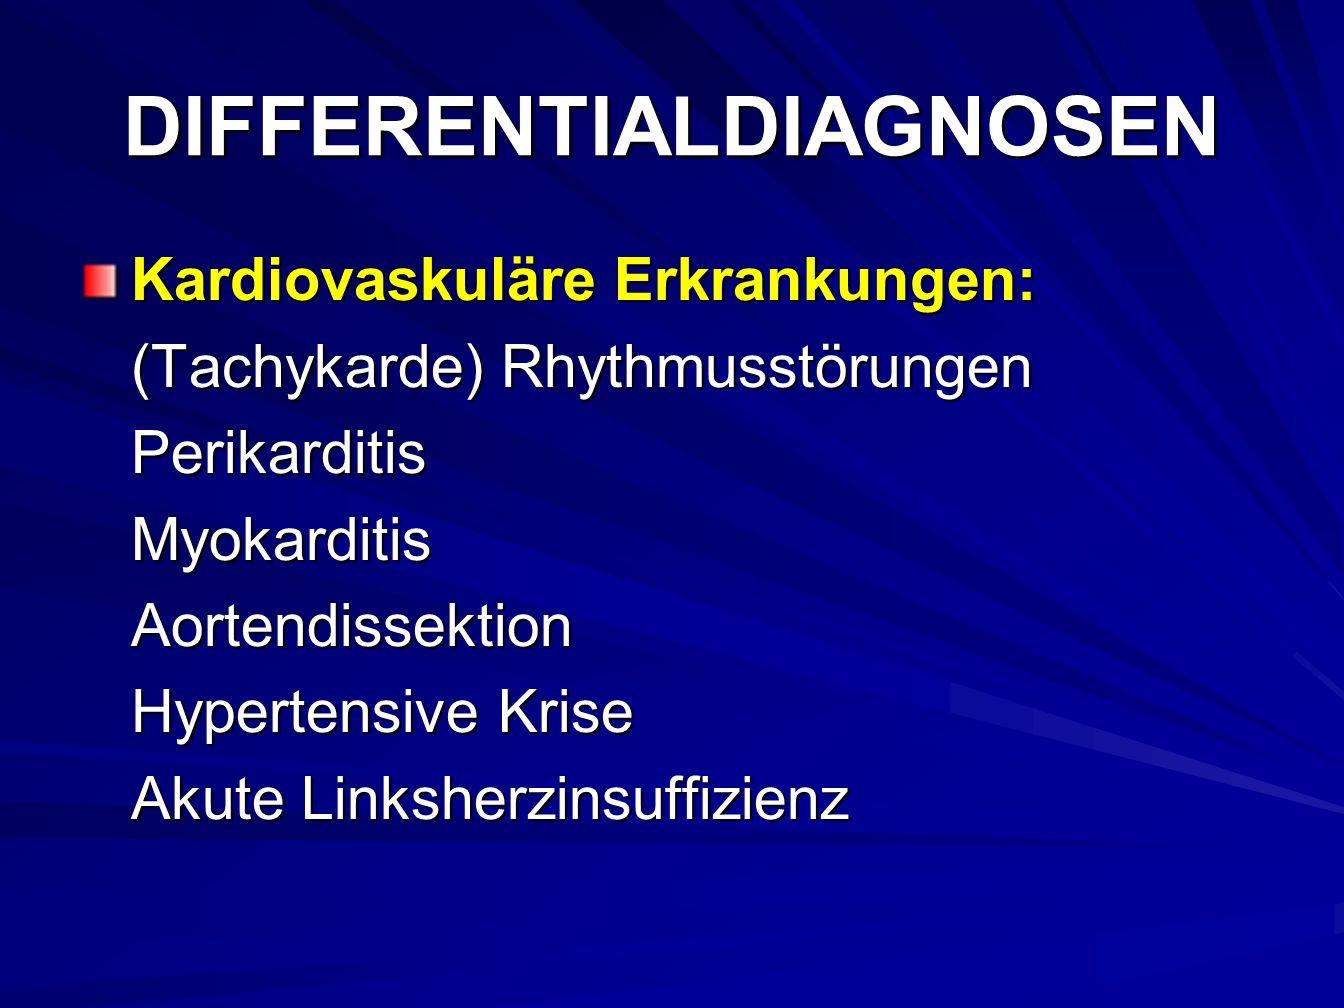 DIFFERENTIALDIAGNOSEN Kardiovaskuläre Erkrankungen: (Tachykarde) Rhythmusstörungen PerikarditisMyokarditisAortendissektion Hypertensive Krise Akute Linksherzinsuffizienz